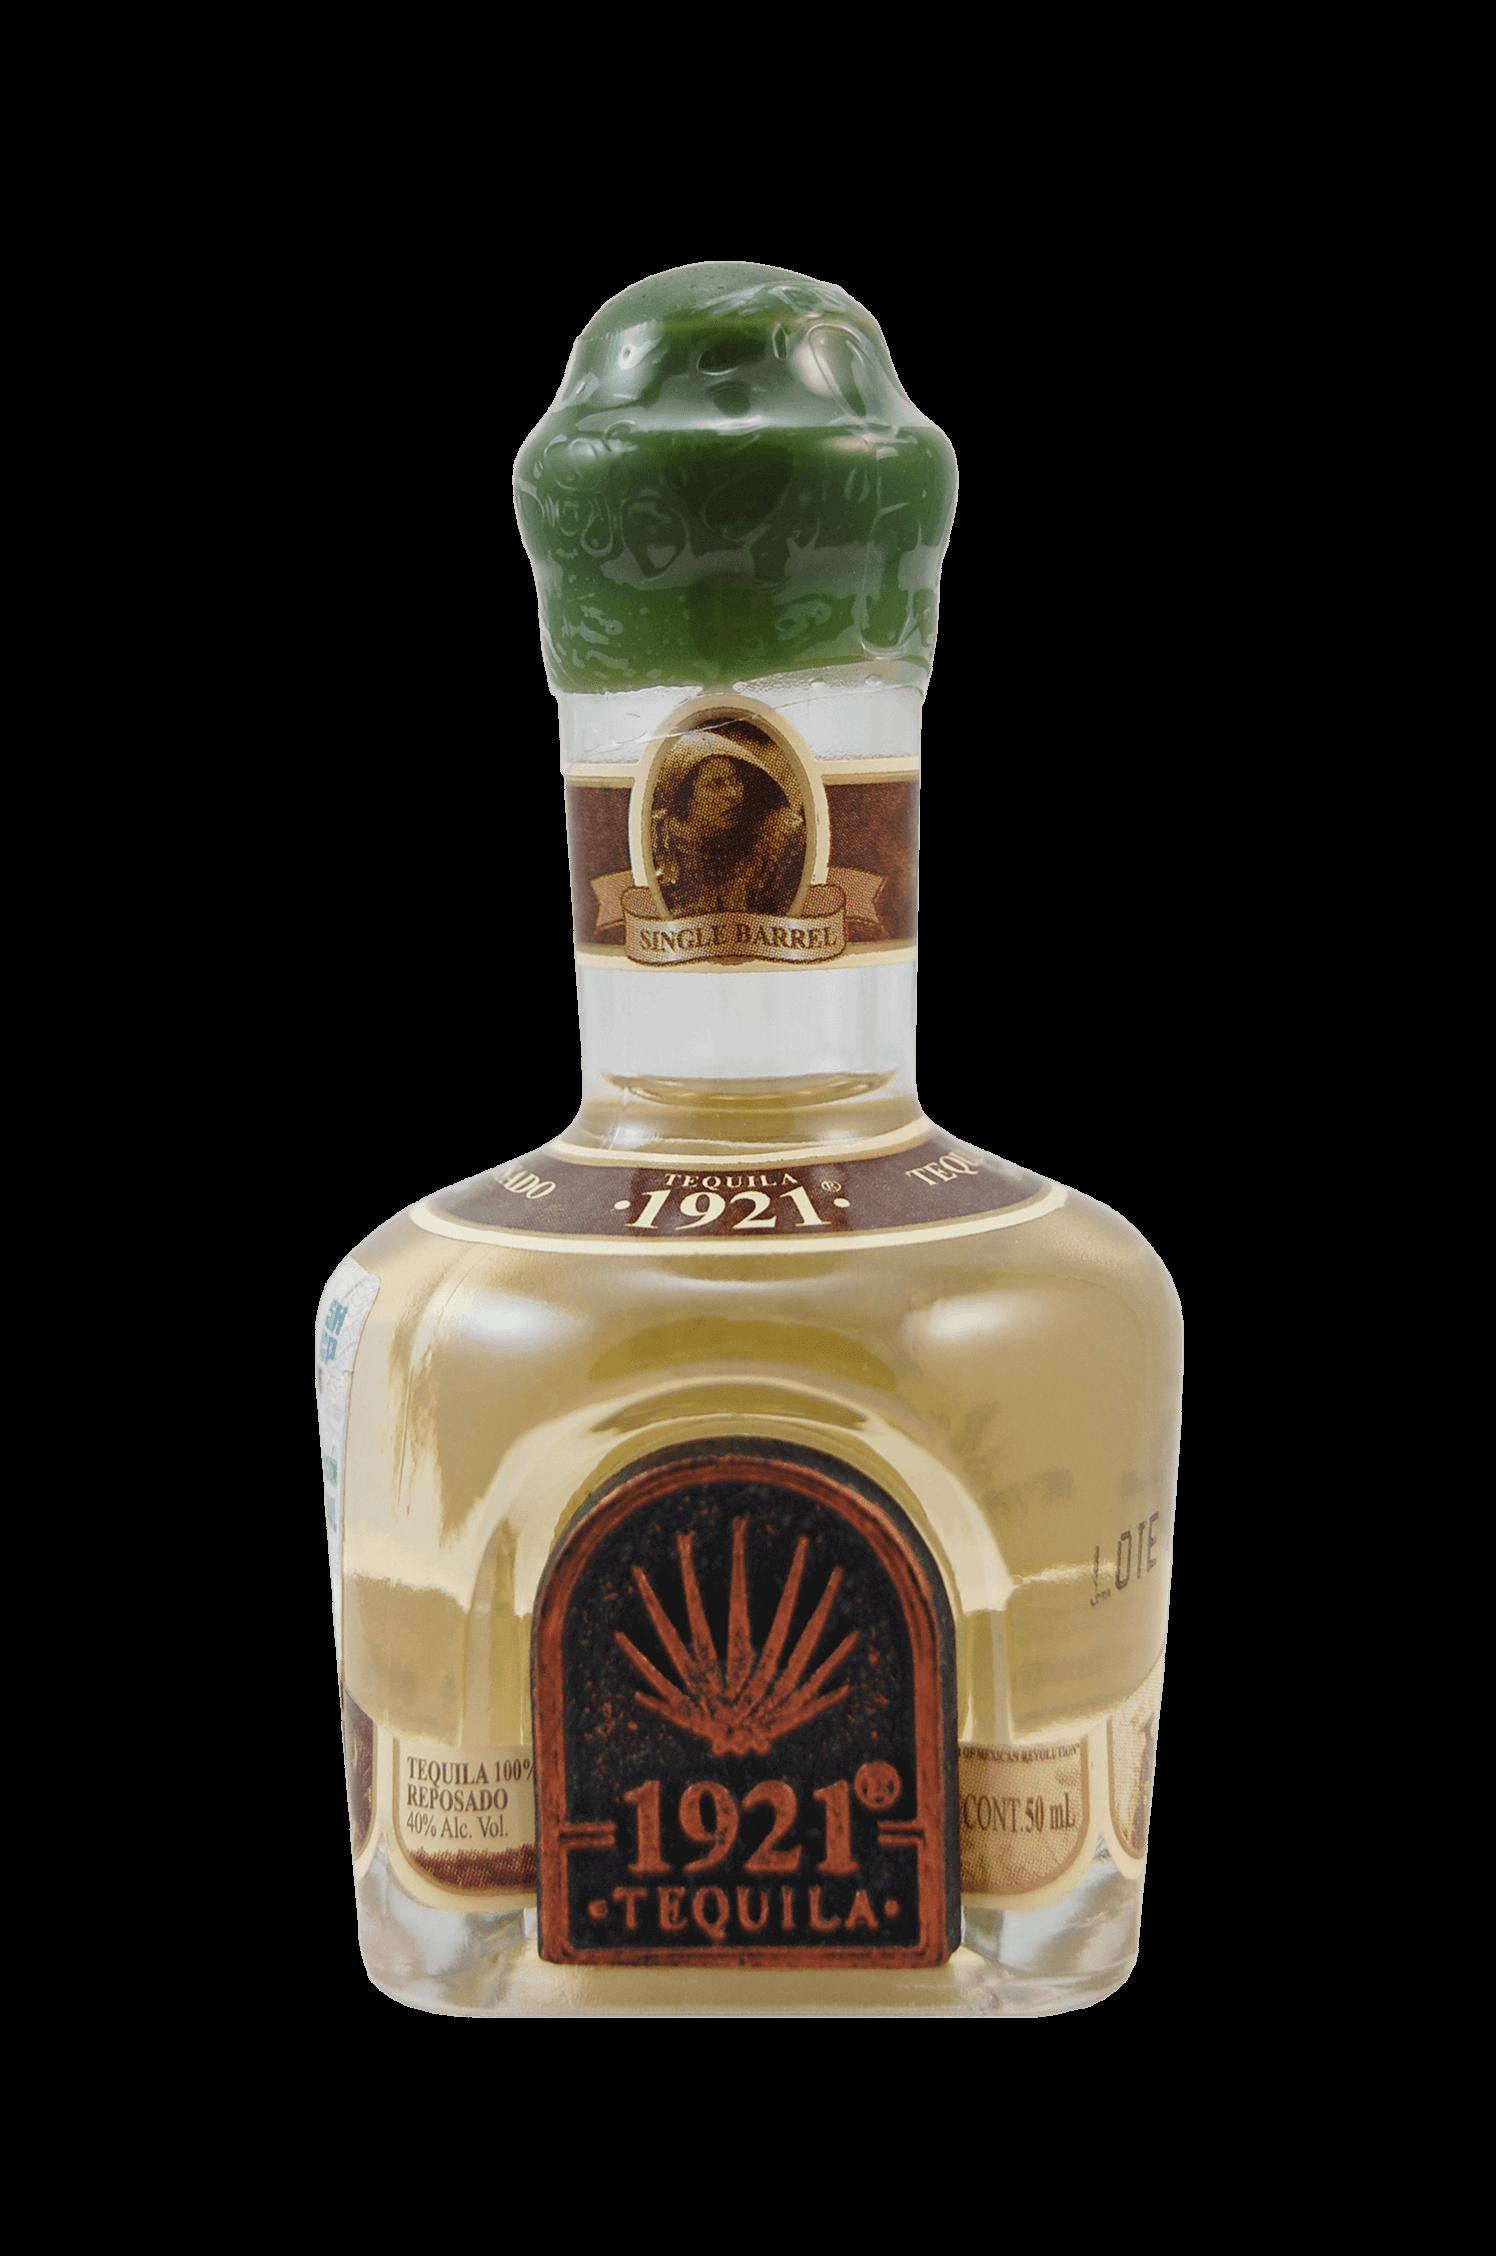 Tequila Reposado 1921